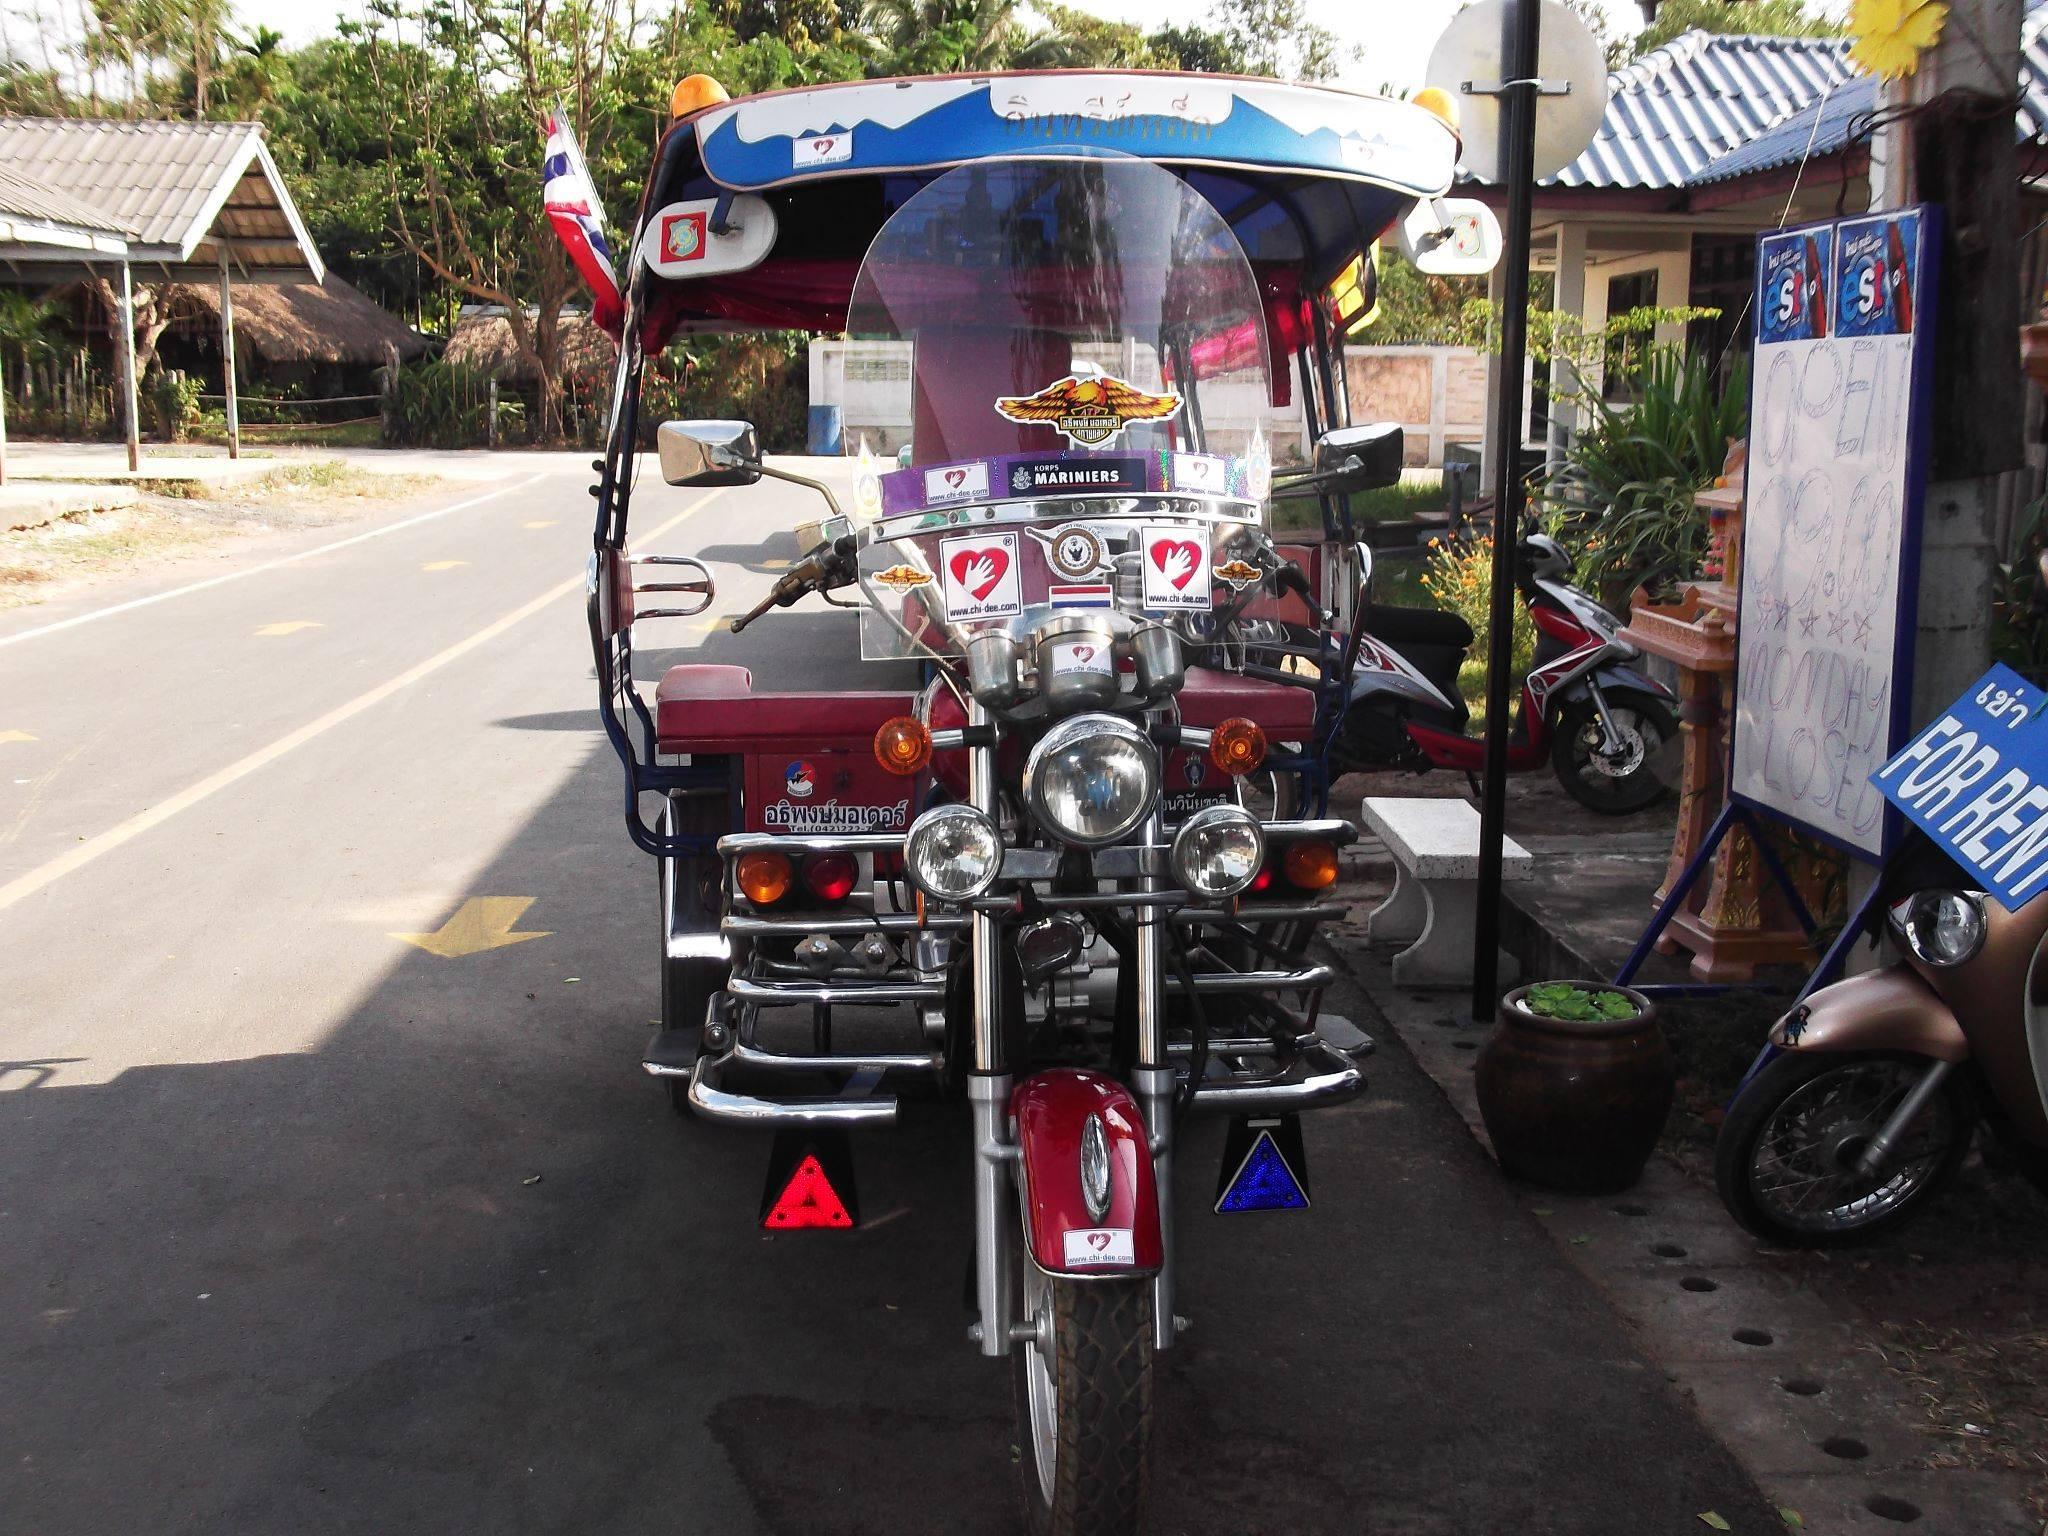 Hary-Abelshousen-motor-2